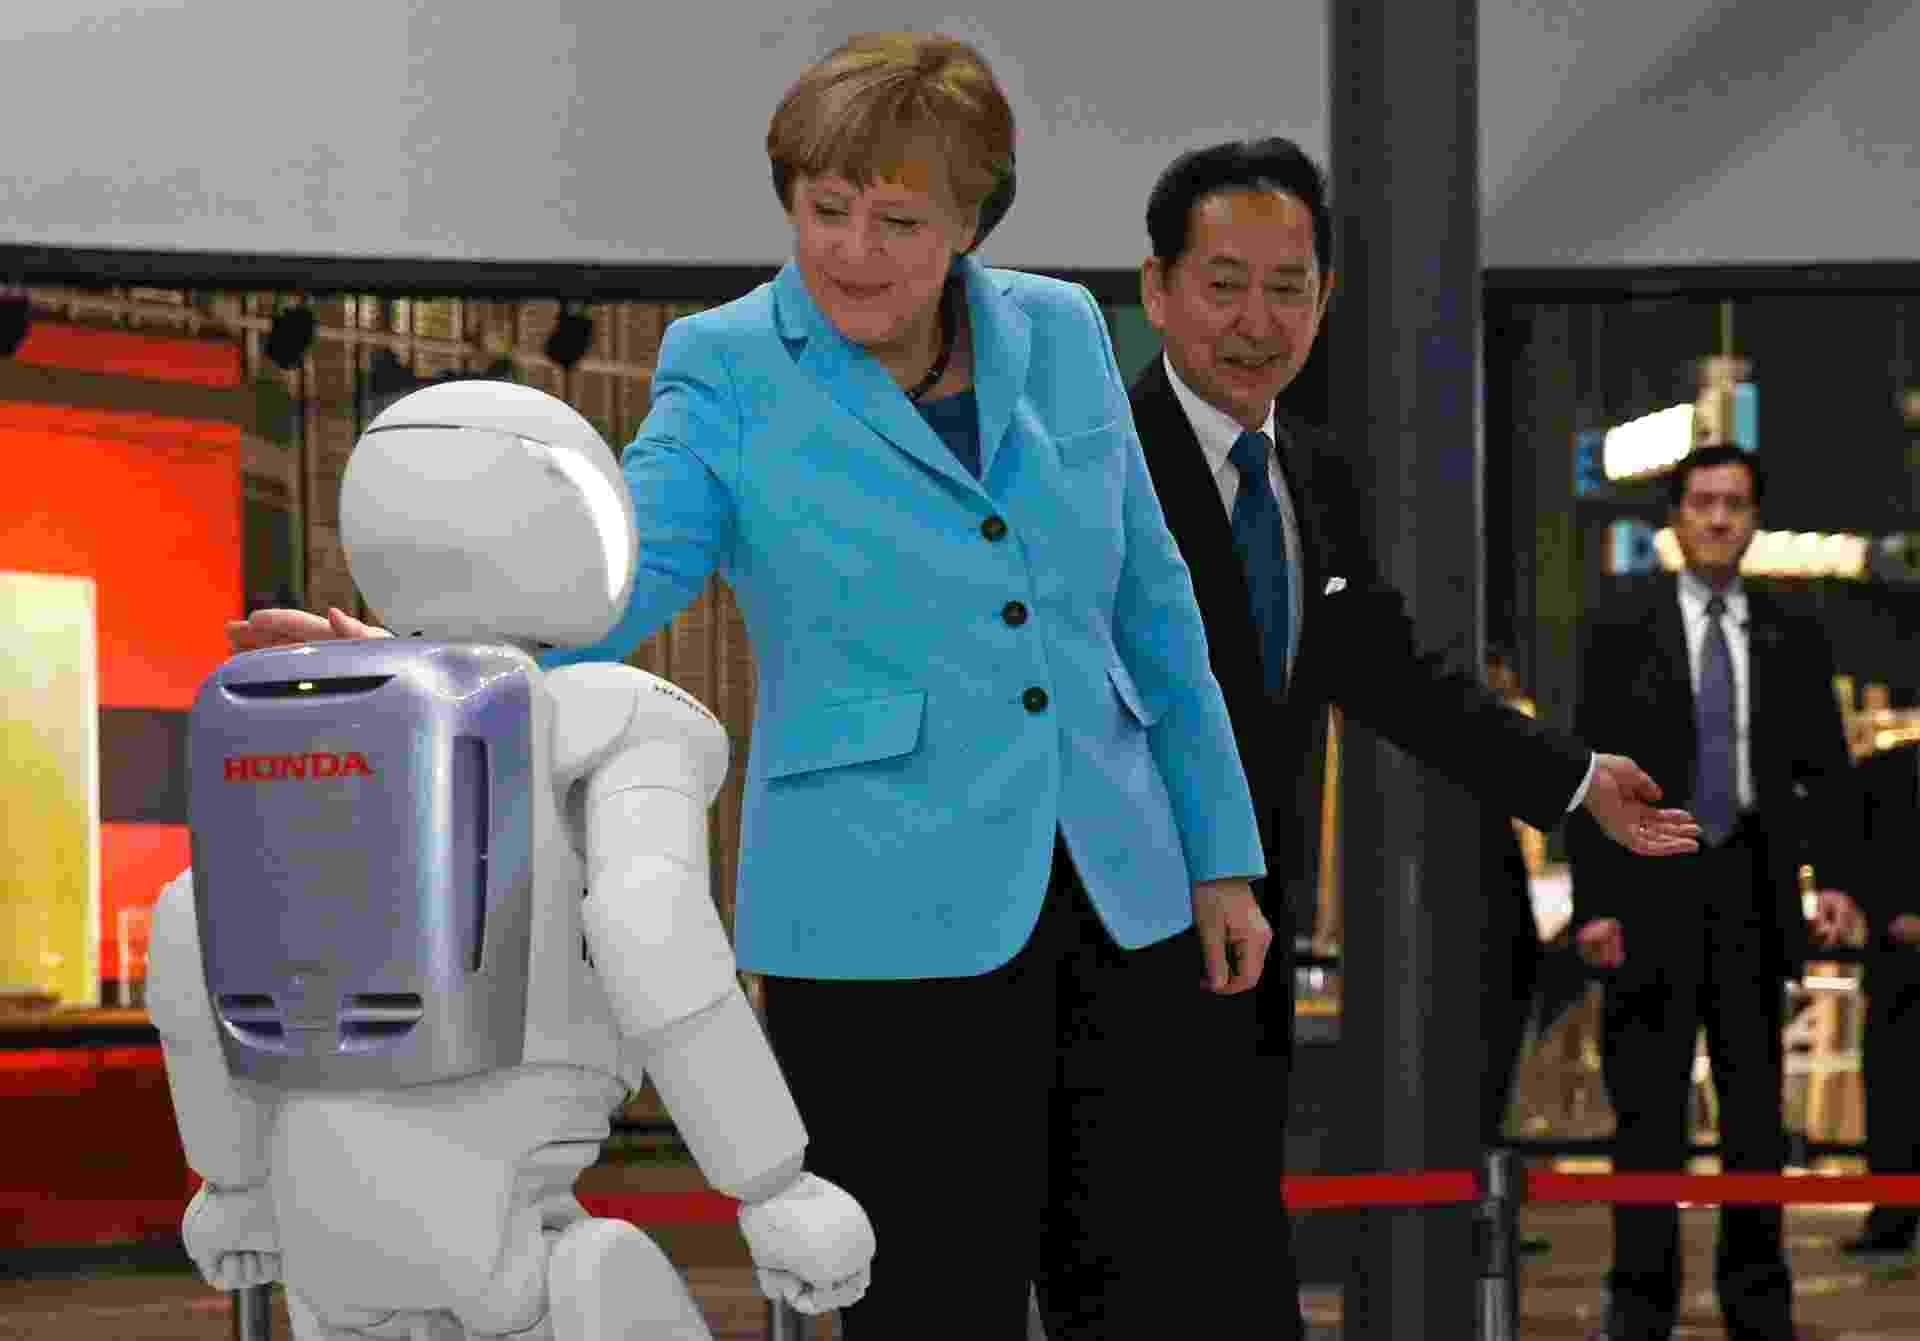 """9.mar.2015 - Ao lado Mamoru Mori, diretor-executivo do Museu Nacional de Ciência e Inovação do Japão e ex-astronauta, Angela Merkel, chanceler alemã, """"interage"""" com """"Asimo"""", um robô desenvolvido pela Honda, durante visita, em Tóquio. Merkel vai passar dois dias no país asiático - Issei Kato/Reuters"""